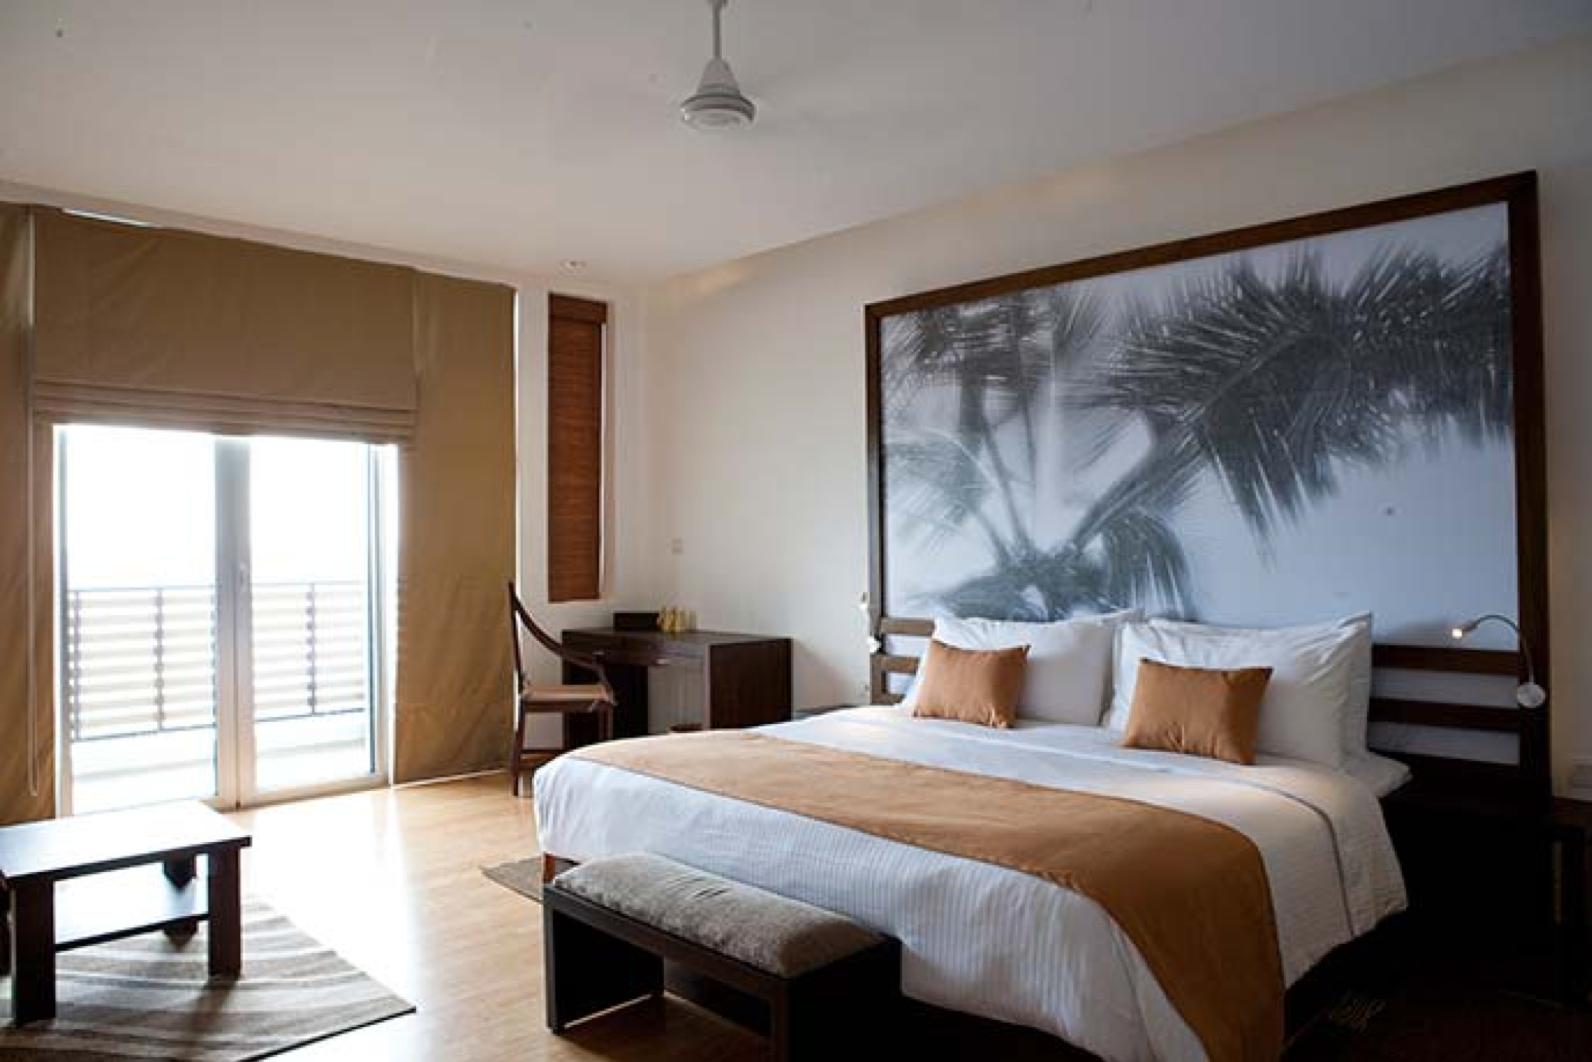 invite-to-paradise-sri-lanka-holiday-honeymoon-vacation-specialists -airport-hotel-negombo-beach-sea-room-1.png